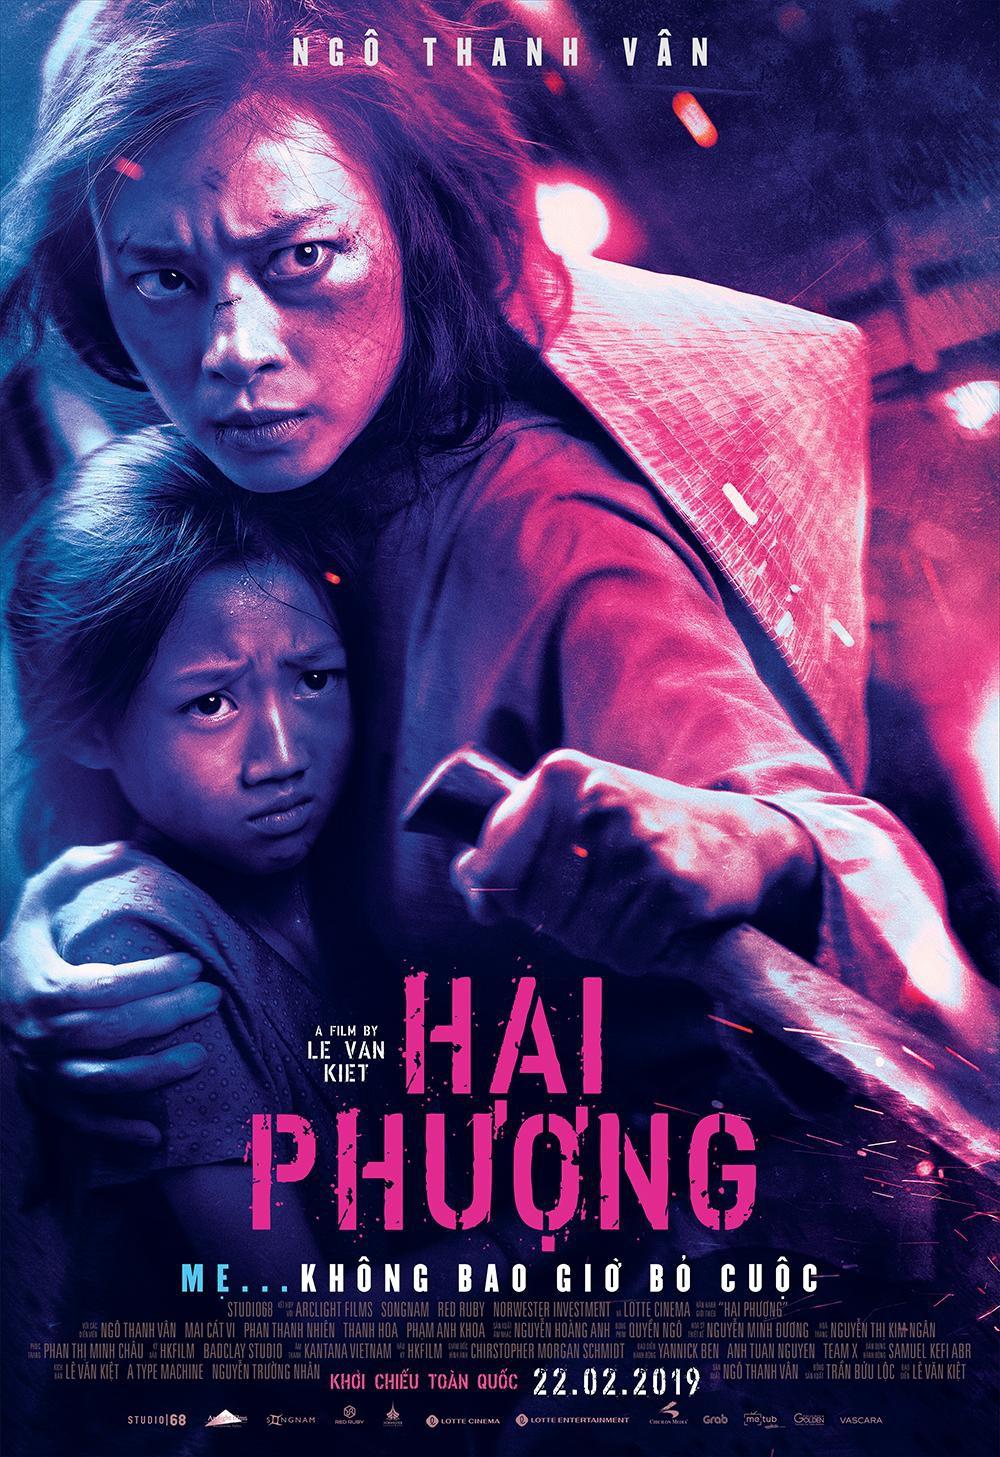 Hai Phượng mở ra kỉ nguyên mới cho phim hành động Việt Nam - Ảnh 4.